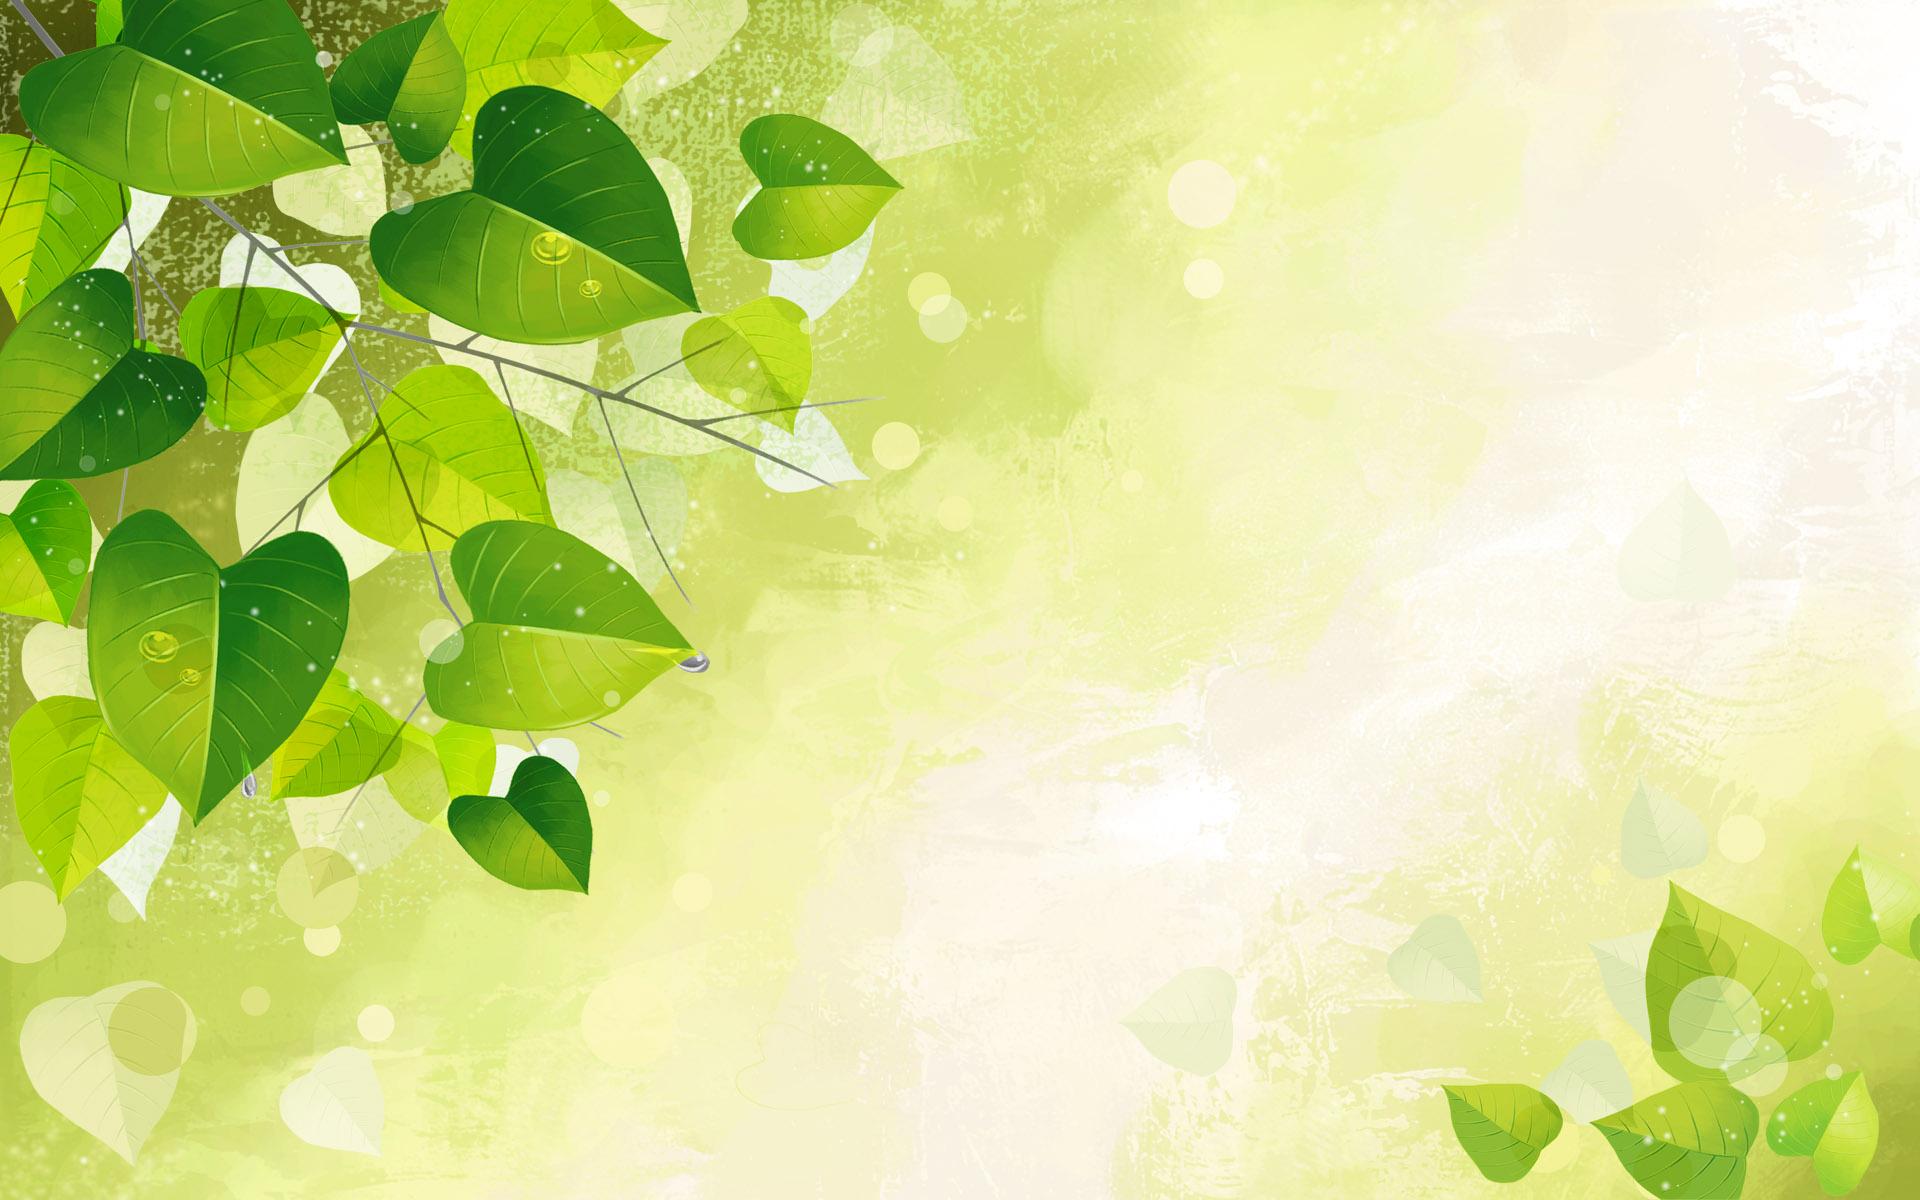 Flower vector background wallpaper images 1347682g dukhrana flower vector background wallpaper images 1347682g voltagebd Images